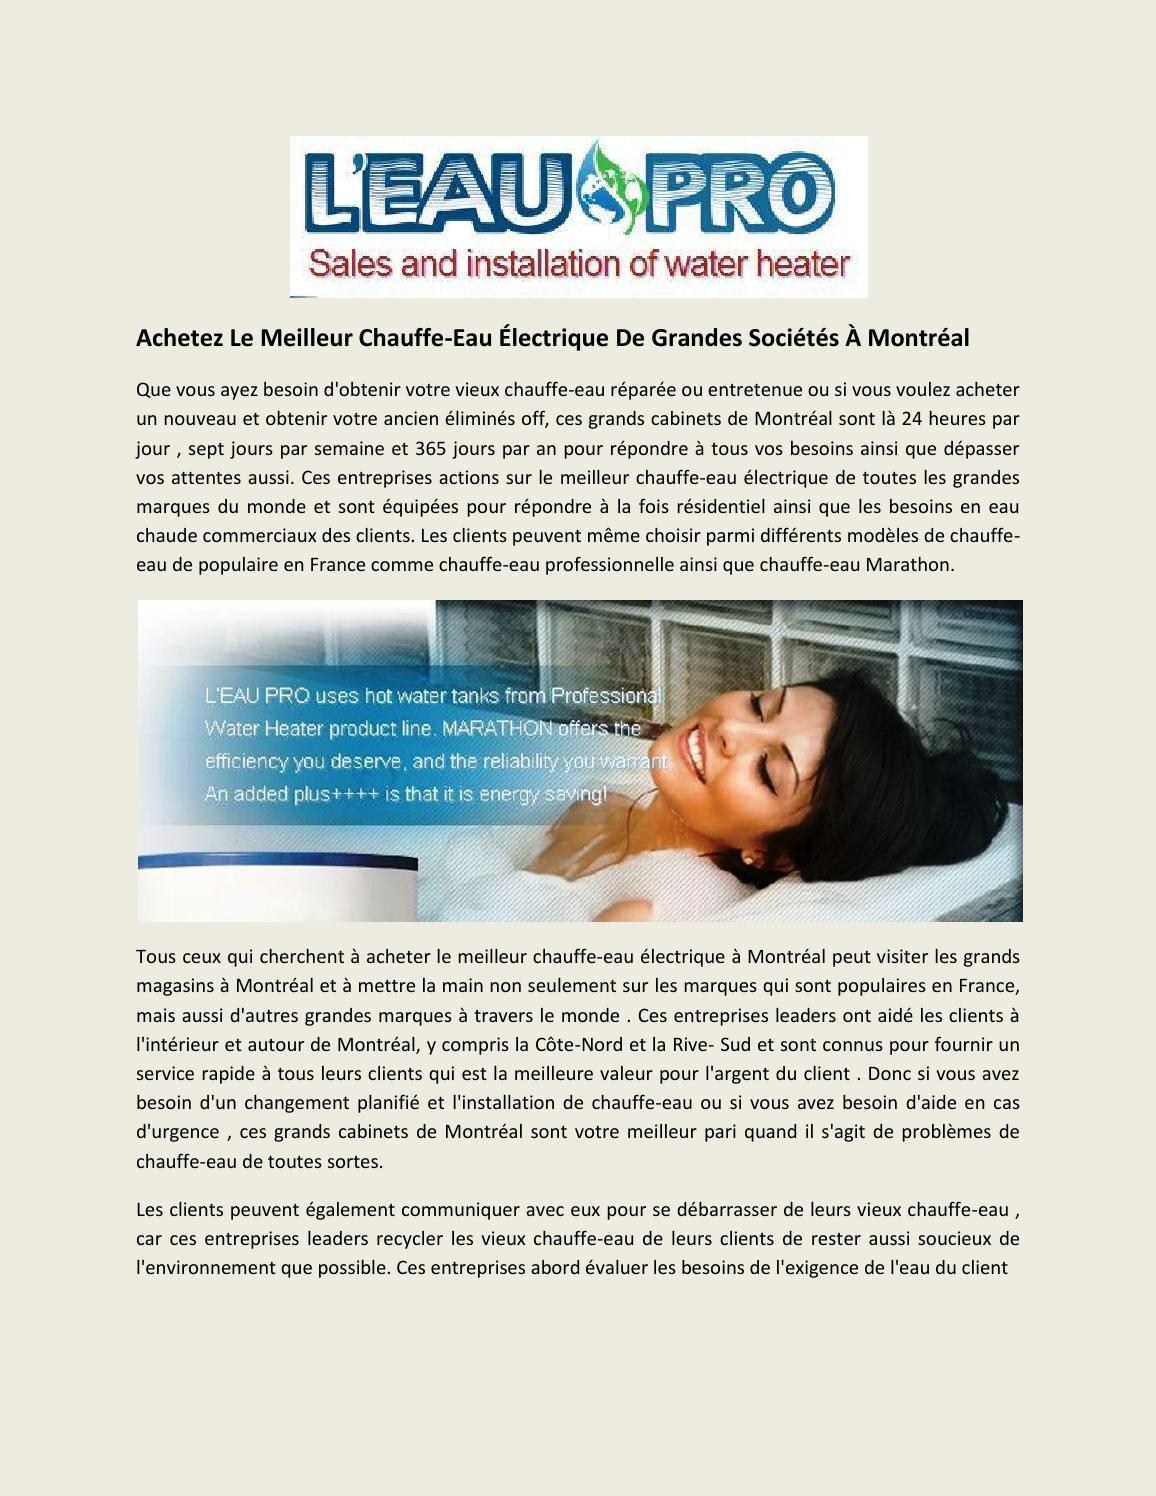 meilleur chauffe eau lectrique l eau pro by leaupro issuu. Black Bedroom Furniture Sets. Home Design Ideas